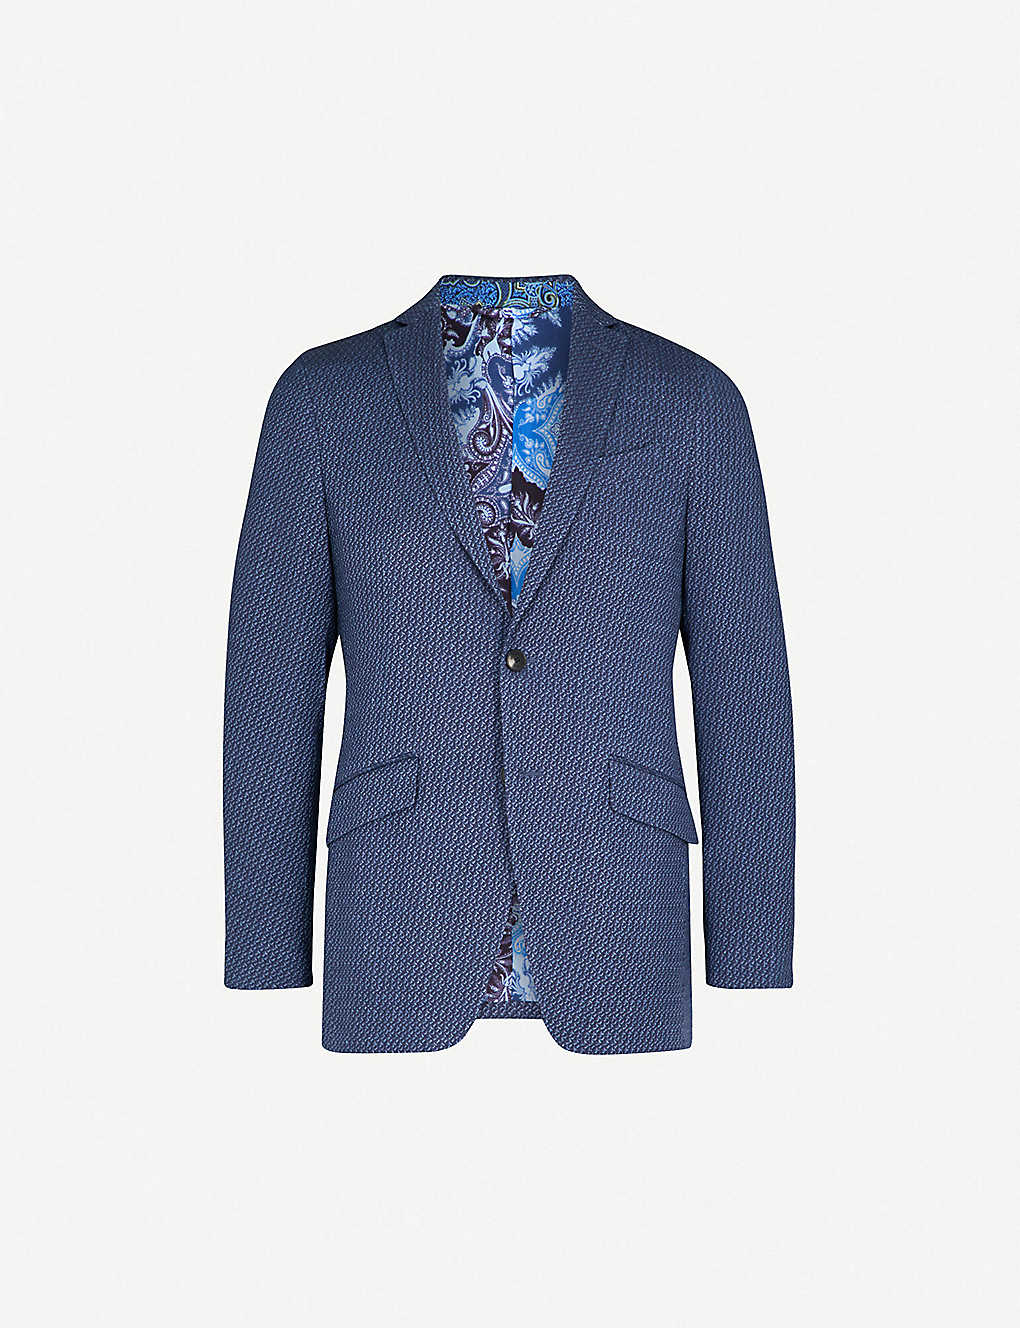 ETRO - Minerva textured regular-fit woven jacket